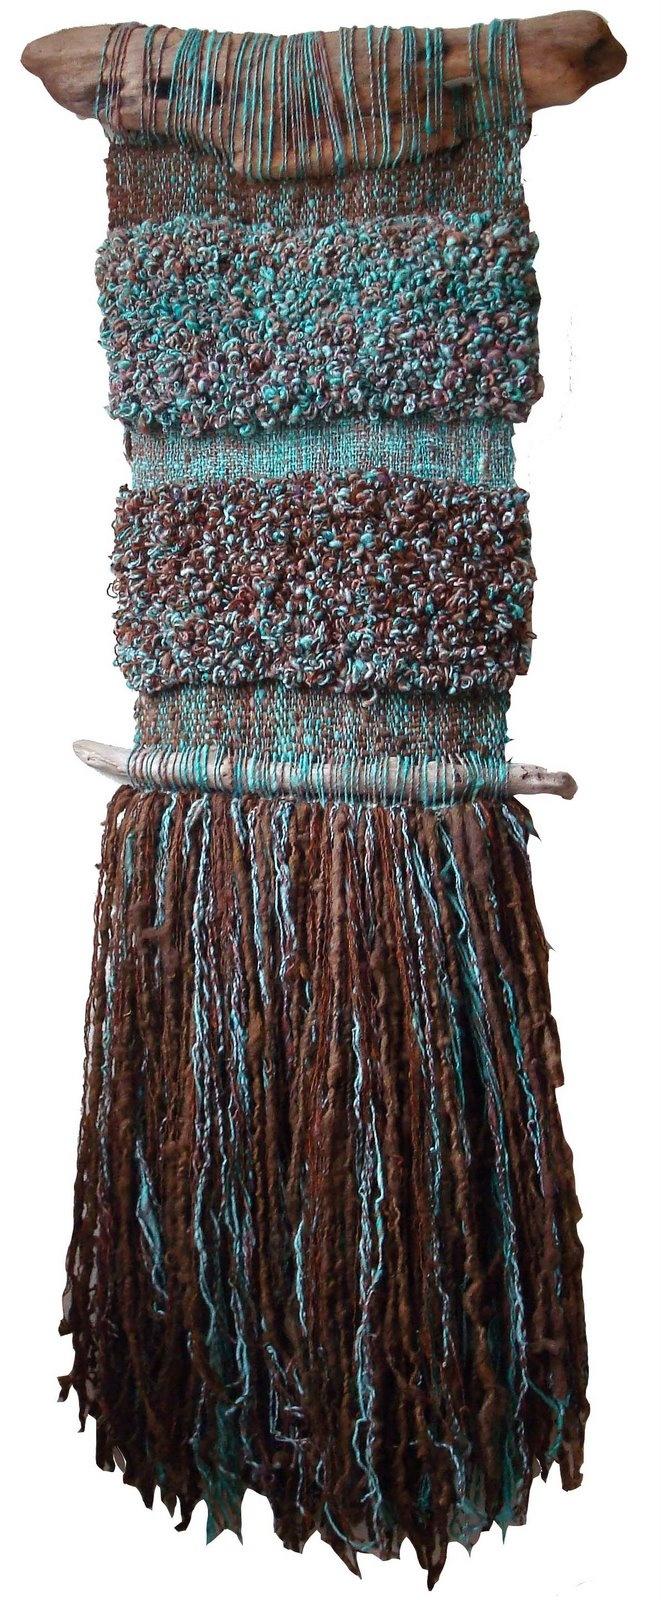 Marianne Werkmeister: Weaving Art, Art Fiber, Art Textile, Weaving Inspiration, Wall Weaving, Decorative Loom, Weaving Textile, Textile Art, Fiber Art Weaving